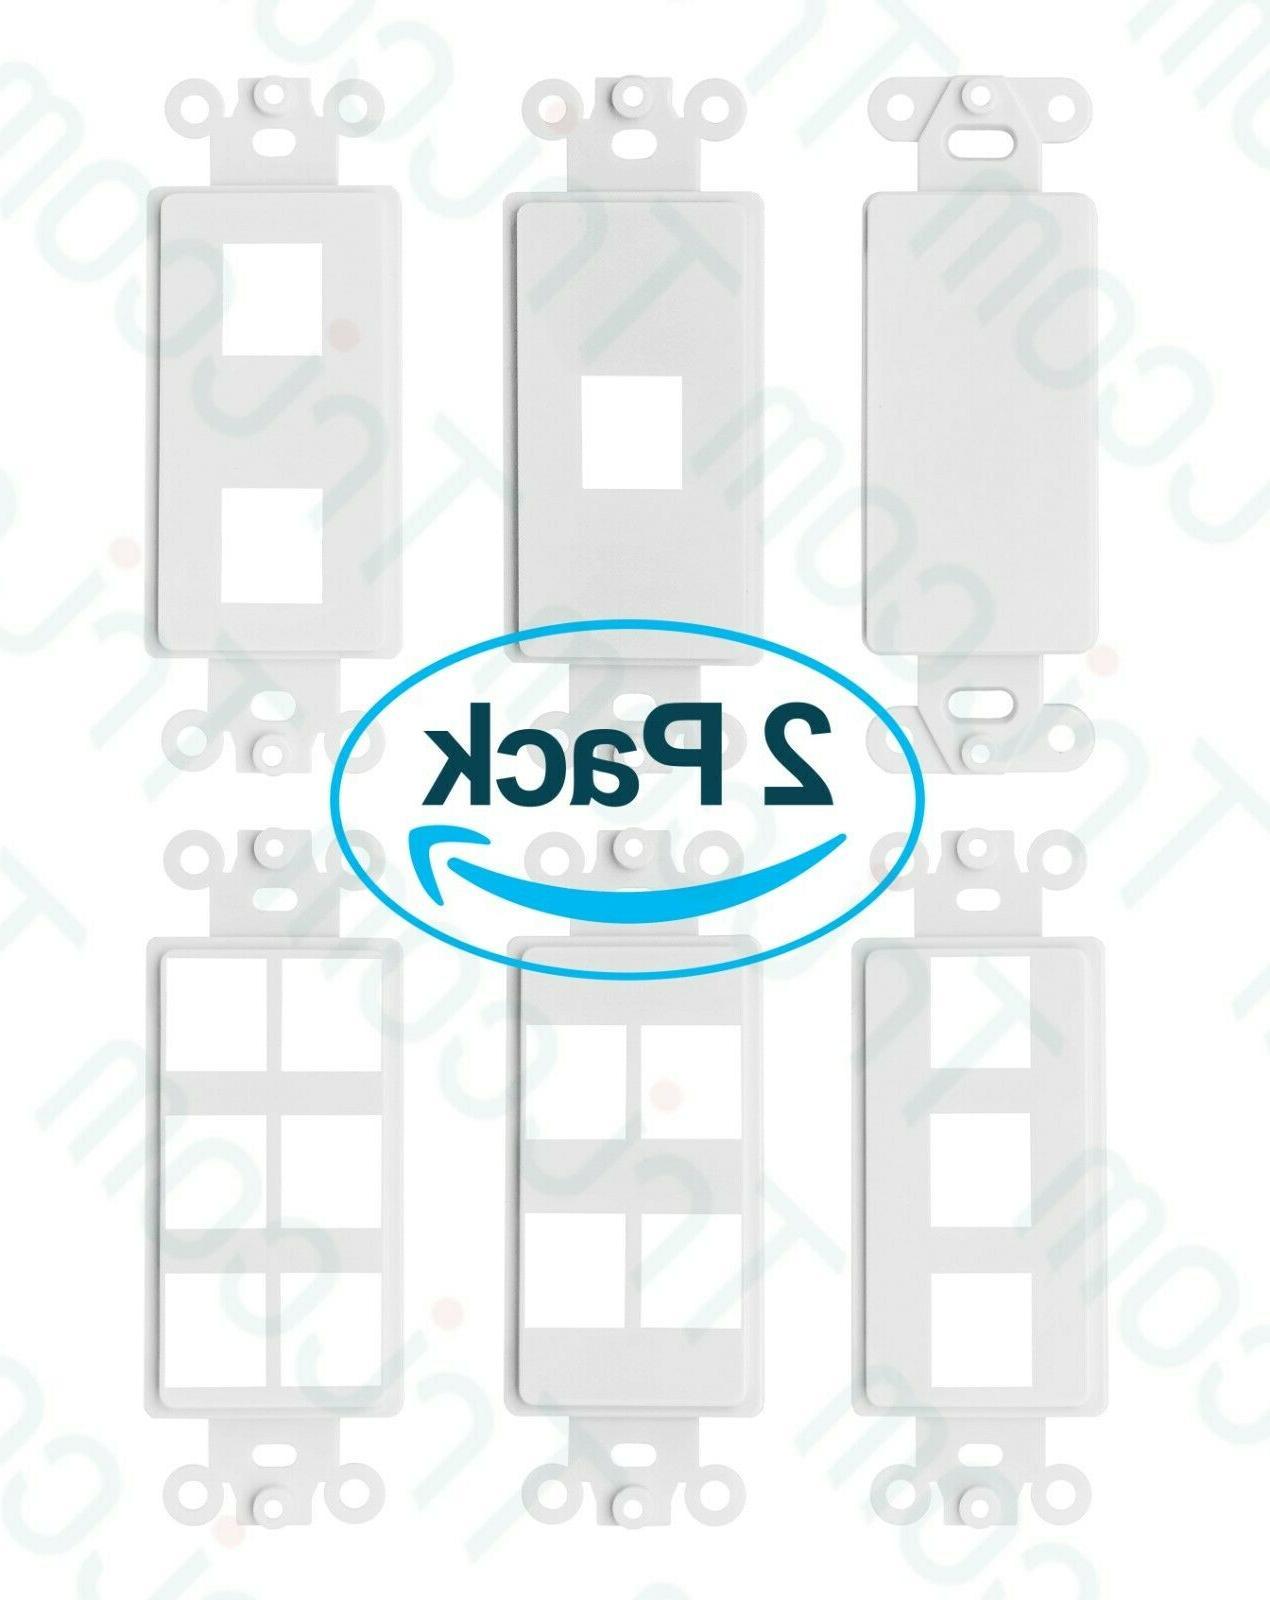 decora rj45 network keystone wall plate insert